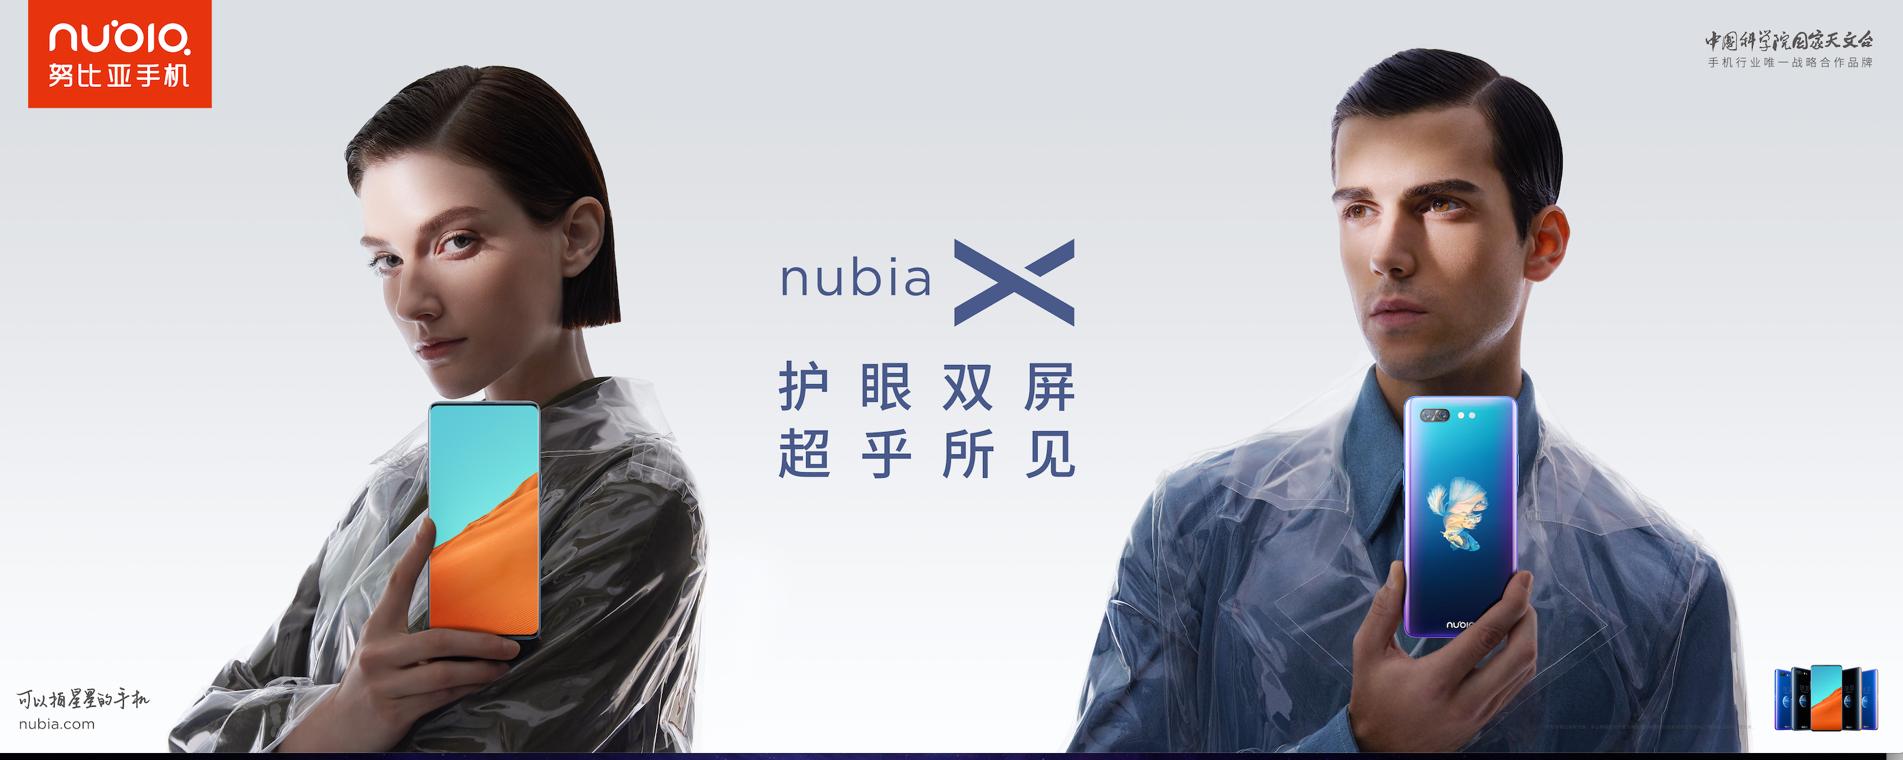 手机江湖再起波澜,努比亚X要颠覆现有手机认知